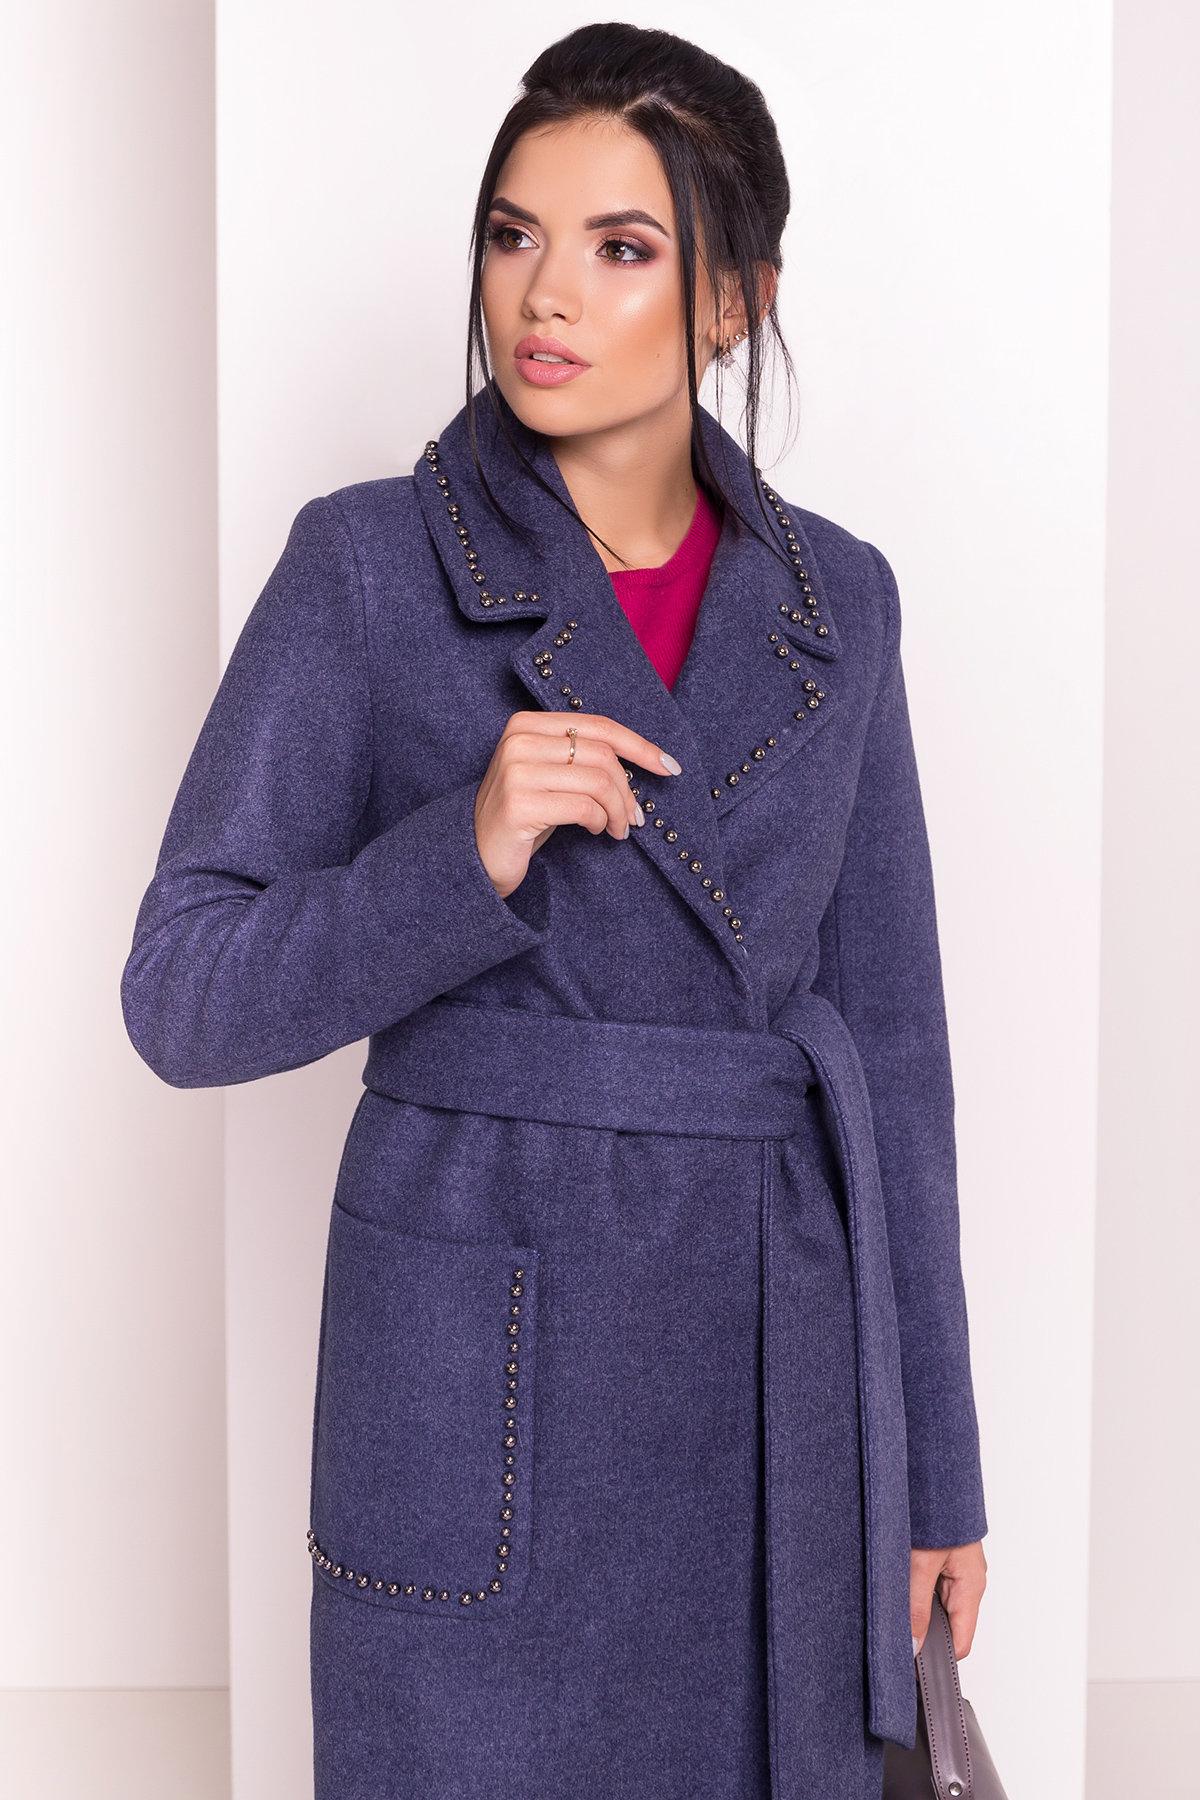 Пальто Кейси 5504 АРТ. 37026 Цвет: Джинс - фото 3, интернет магазин tm-modus.ru